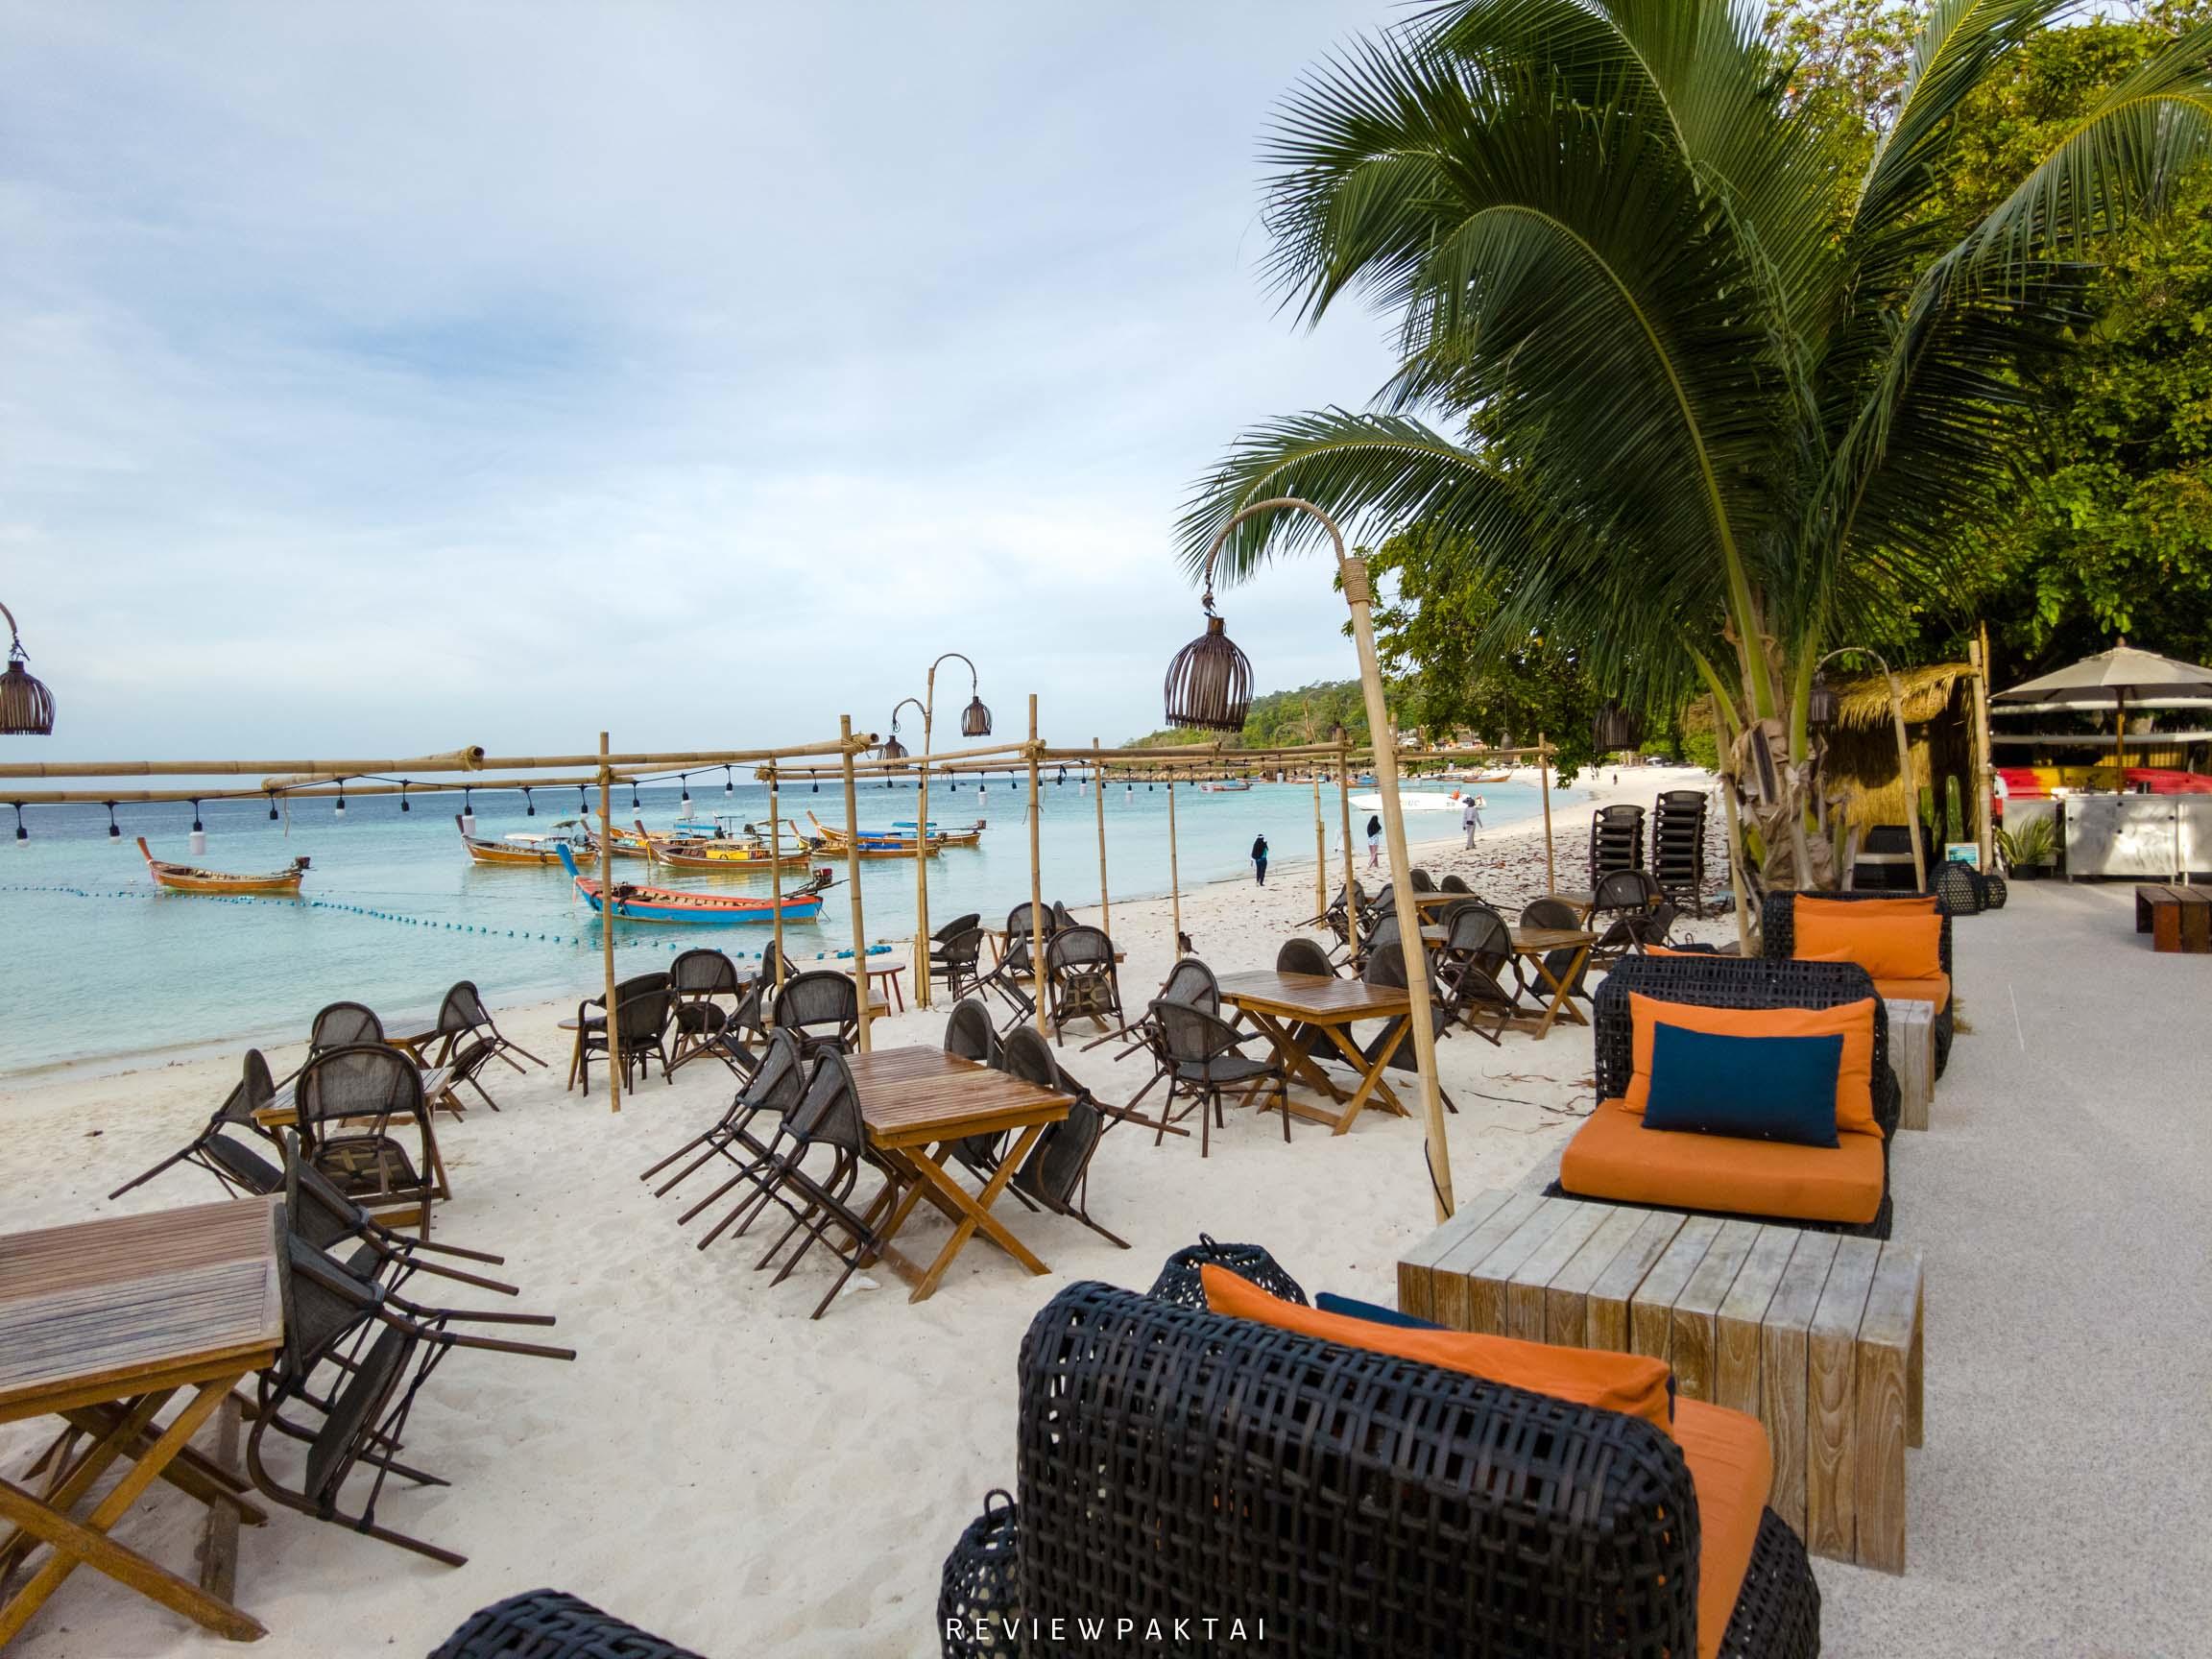 บรรยากาศสุดสวยที่ริมหาด-มีโต๊ะตั้งอยู่มากมาย akira,lipe,สตูล,เกาะหลีเป๊ะ,ที่พักหลีเป๊ะ,ที่พักสตูล